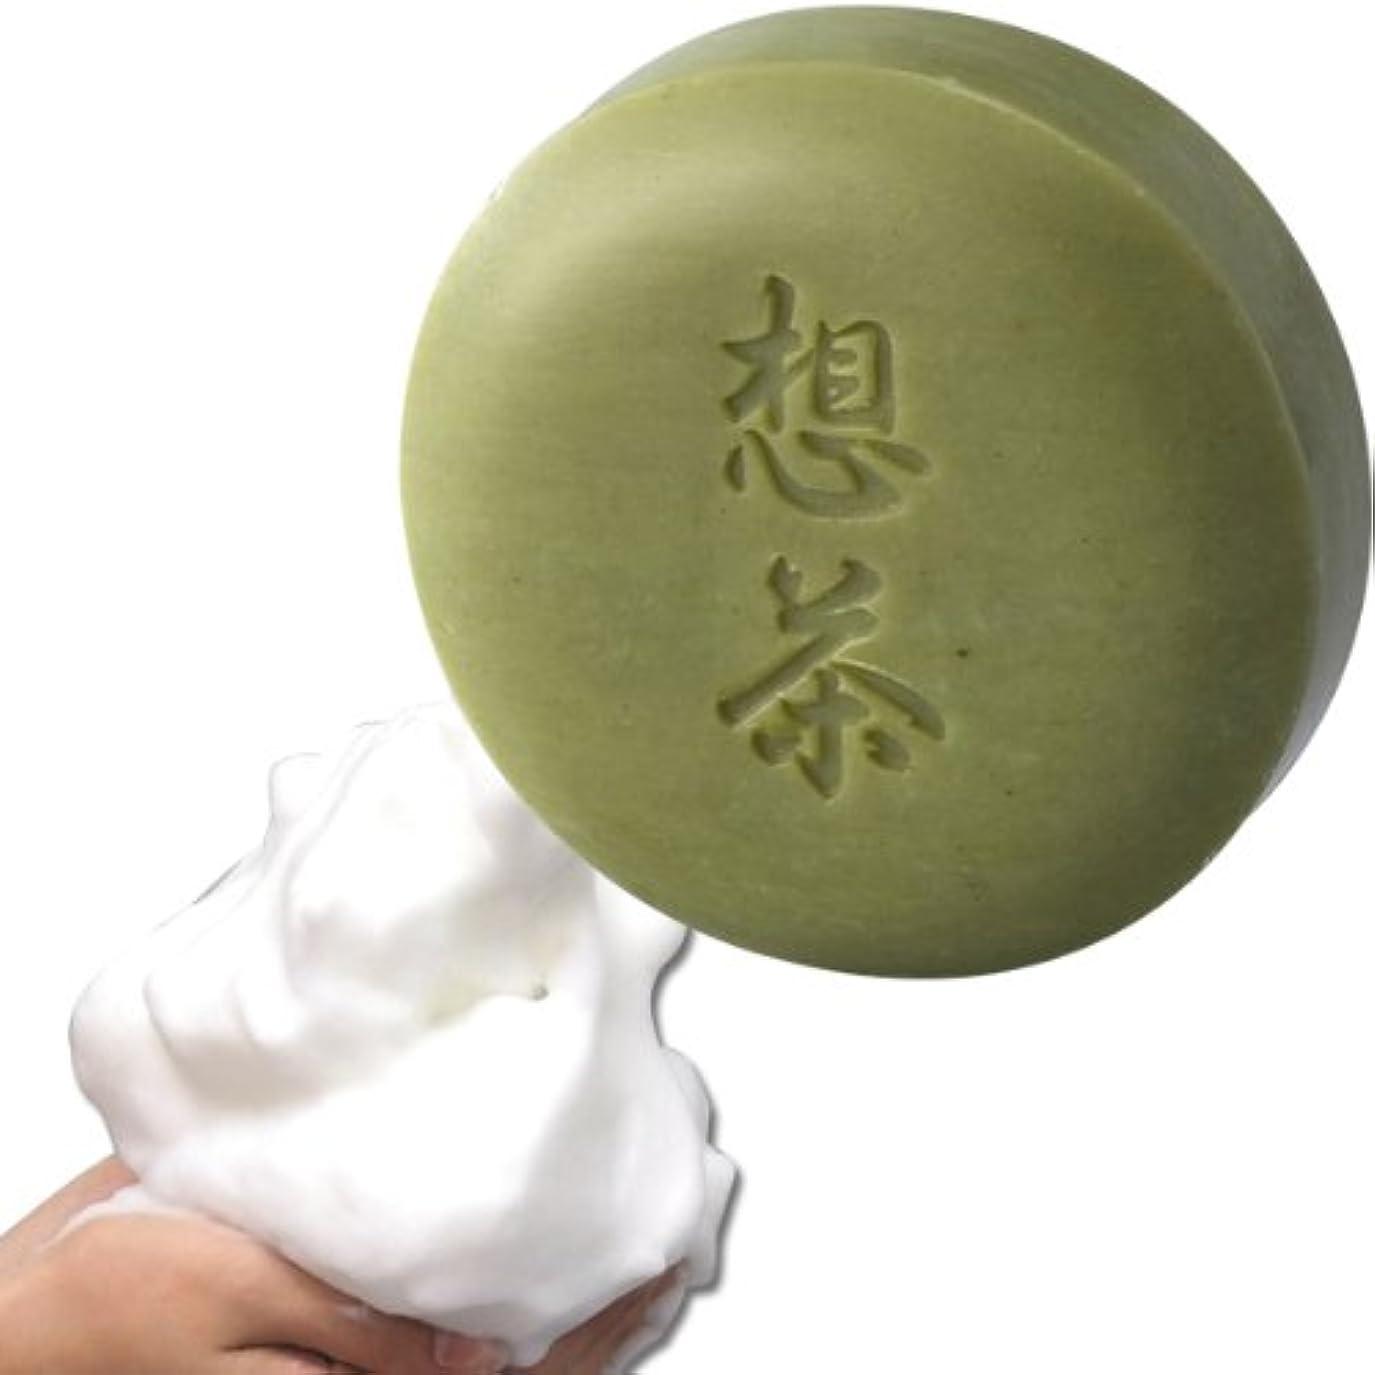 順応性のある社説寺院想茶石鹸 100g(お茶屋さんが作ったお茶石鹸)